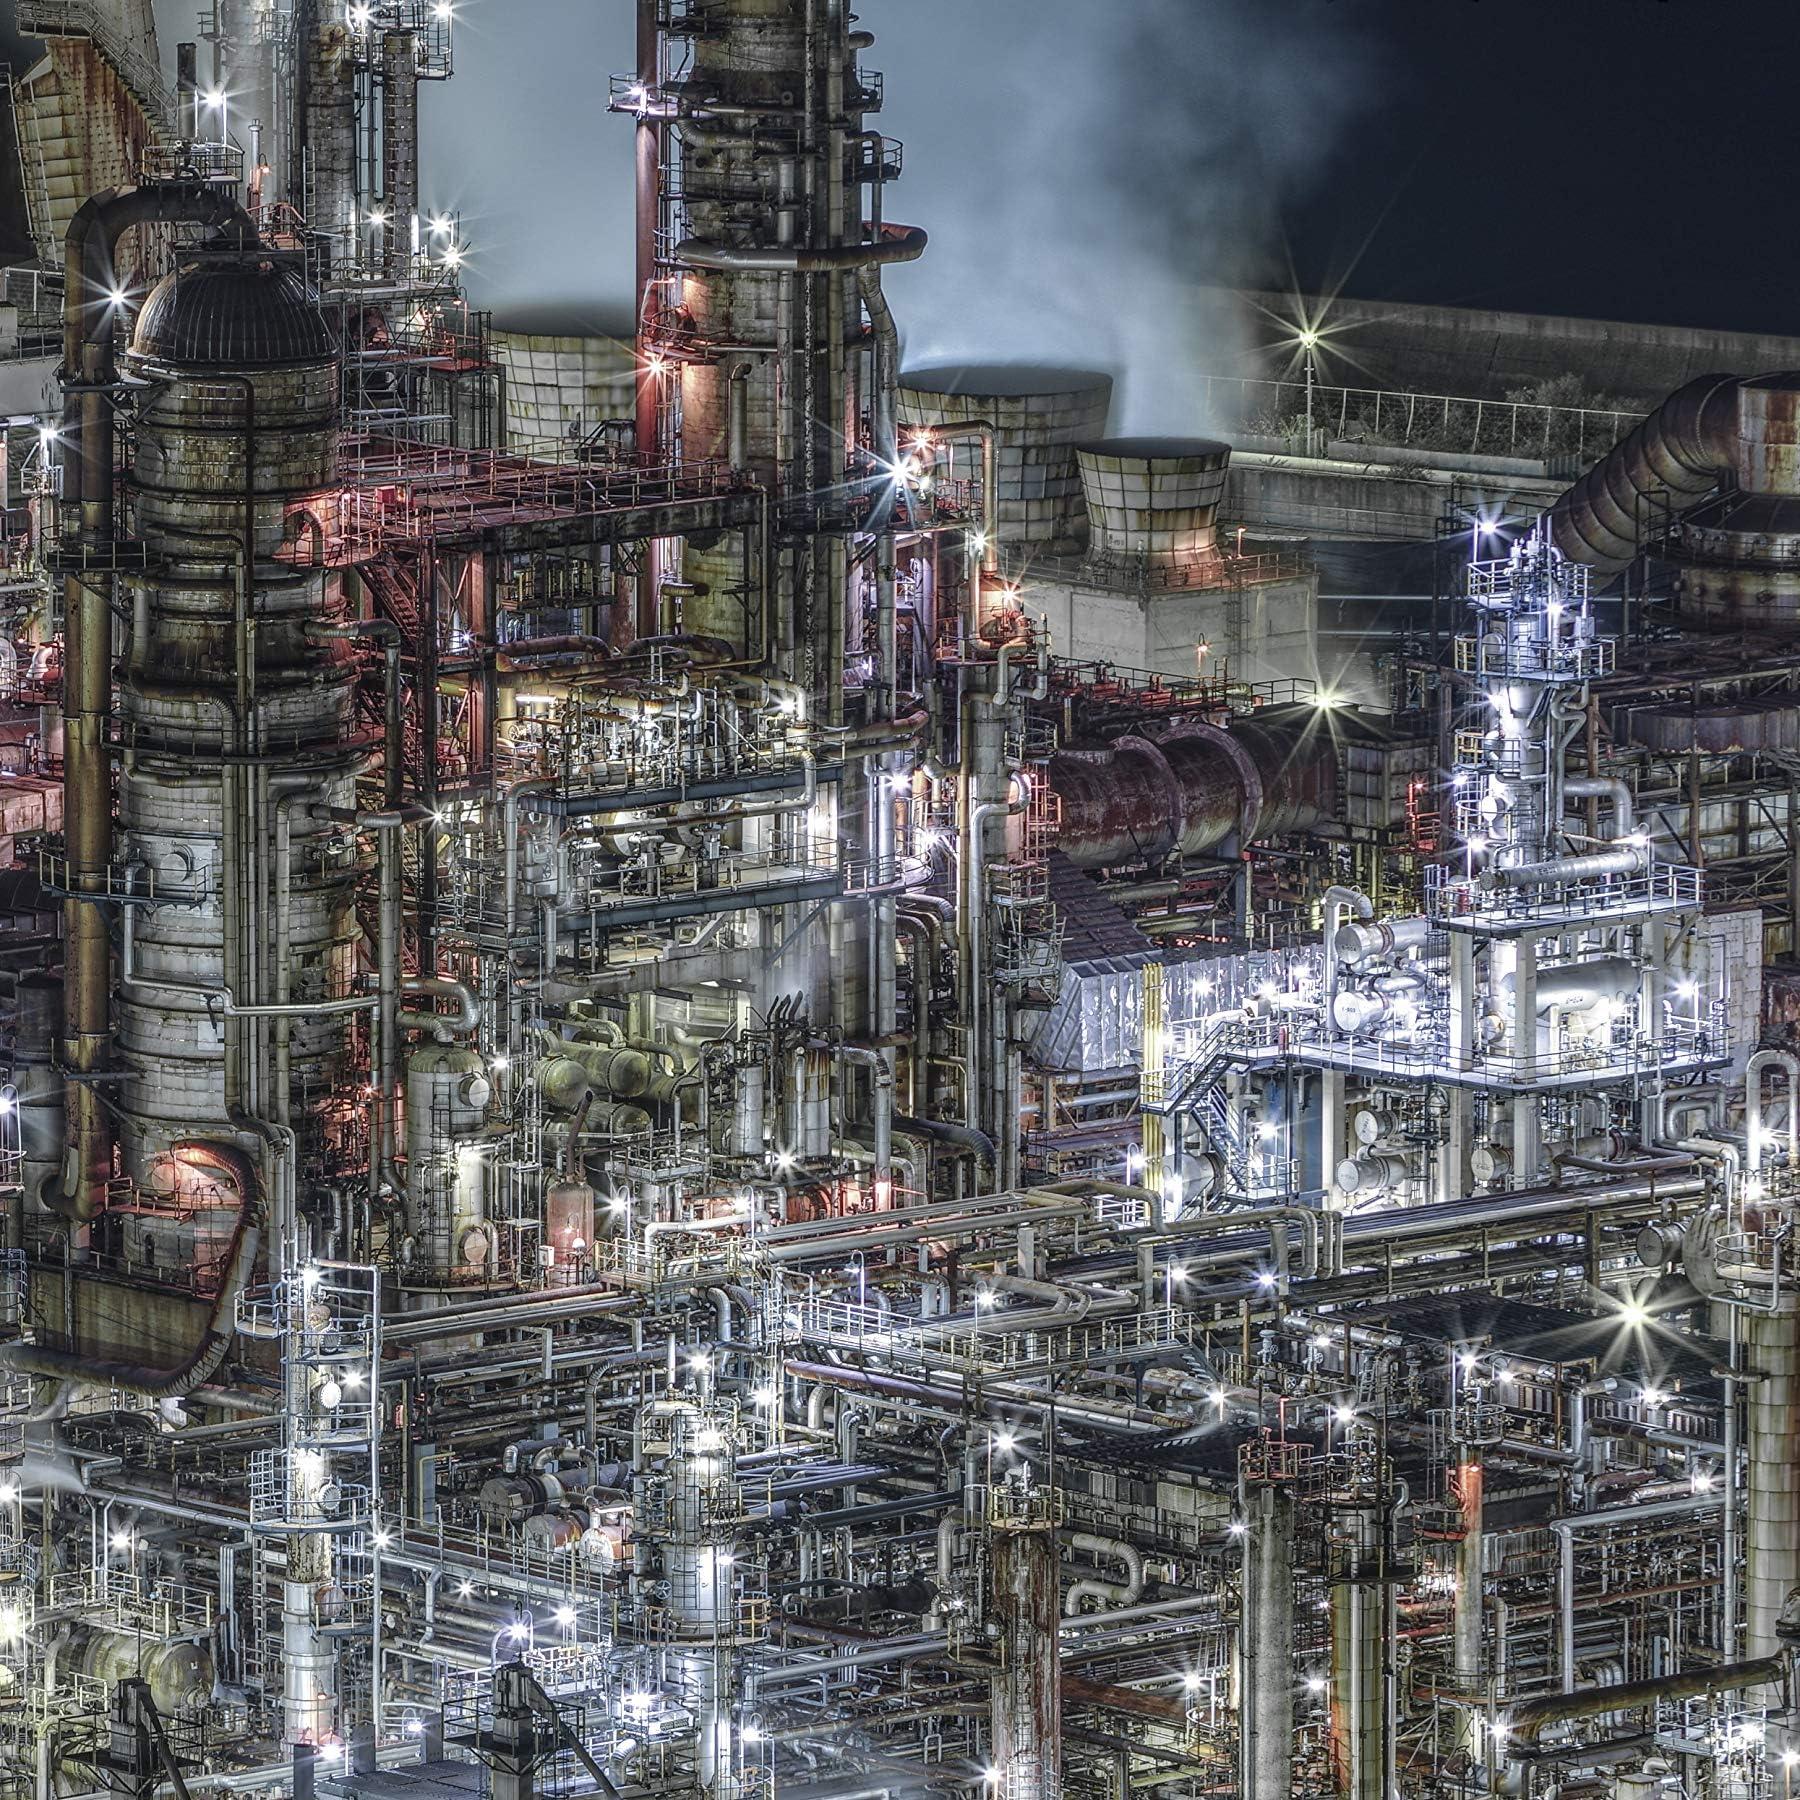 工場 Ipad壁紙 工場夜景 その他 スマホ用画像145463